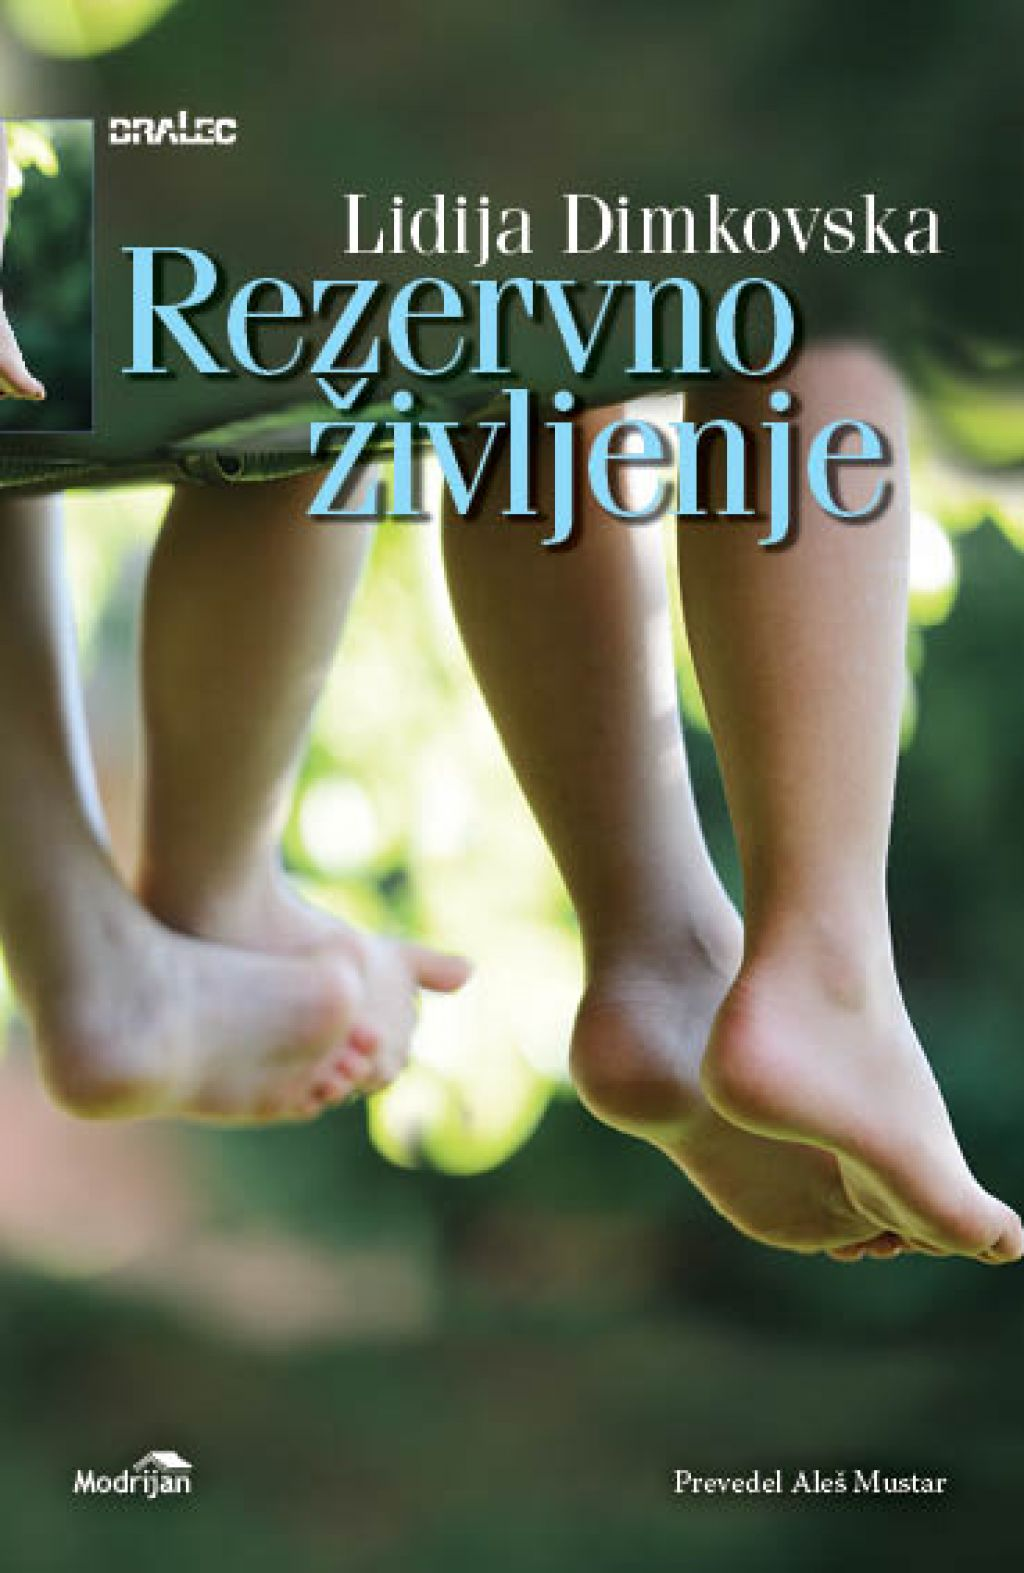 Rezervno življenje Lidije Dimkovske med knjigami leta v Bolgariji